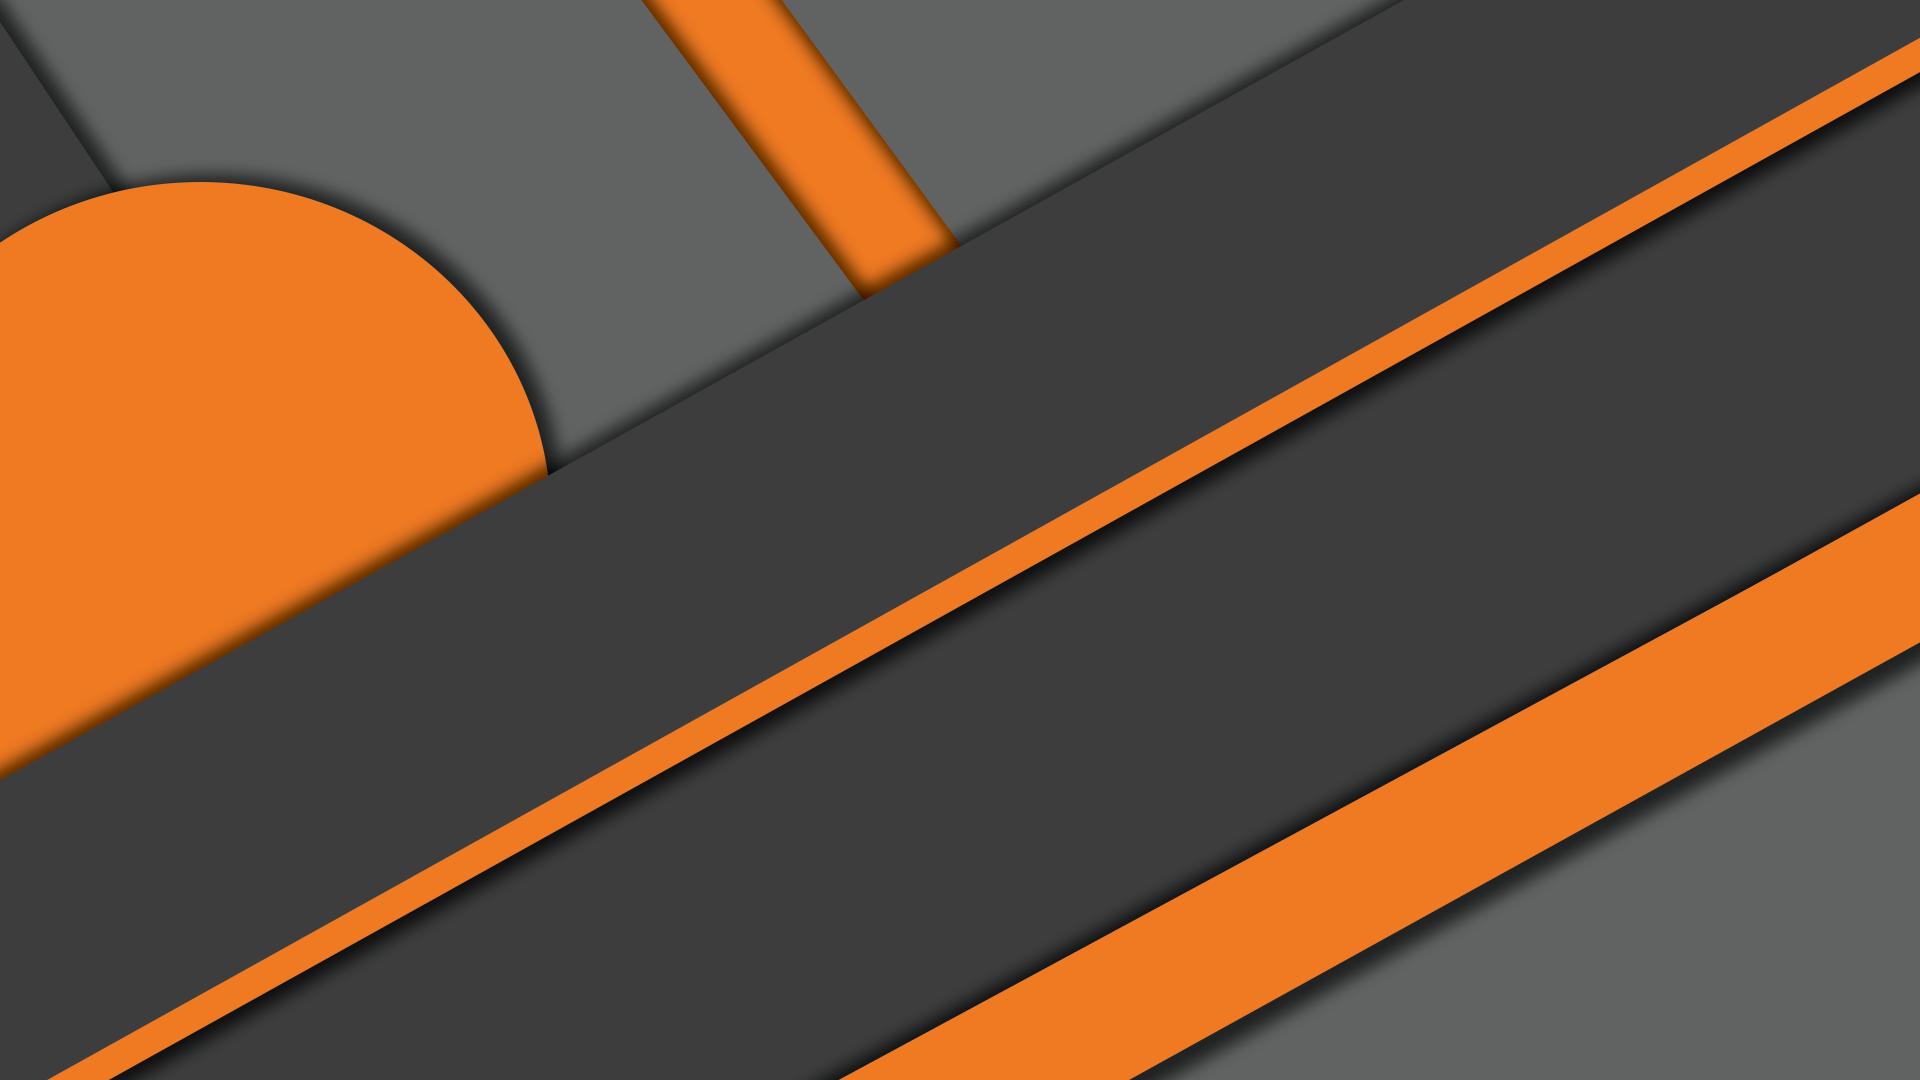 Orange Material [1920x1080]